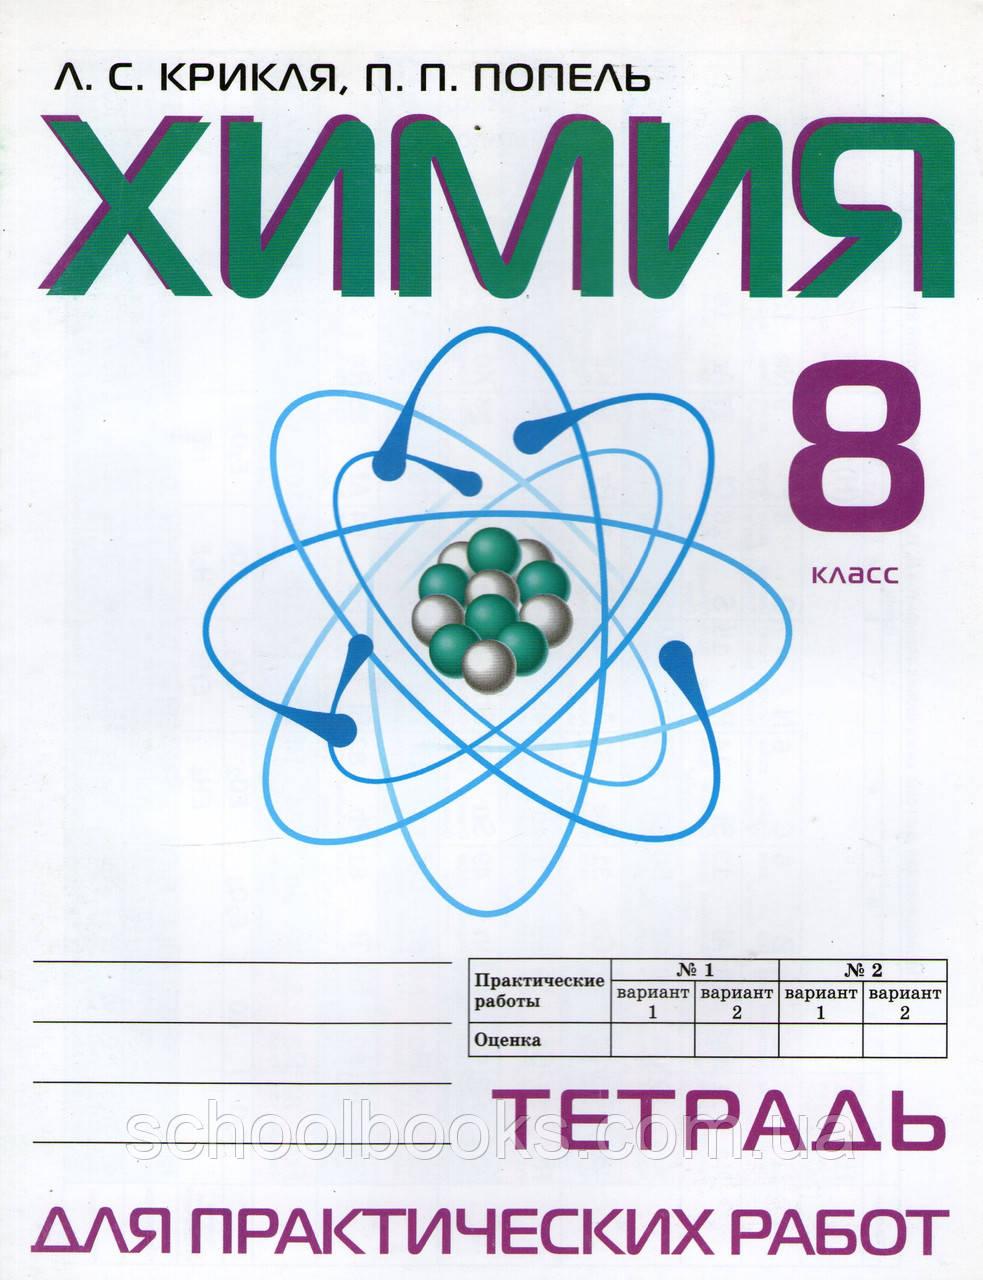 Практические работы по химии 8 класс по книге п.п.попель л.с.крикля